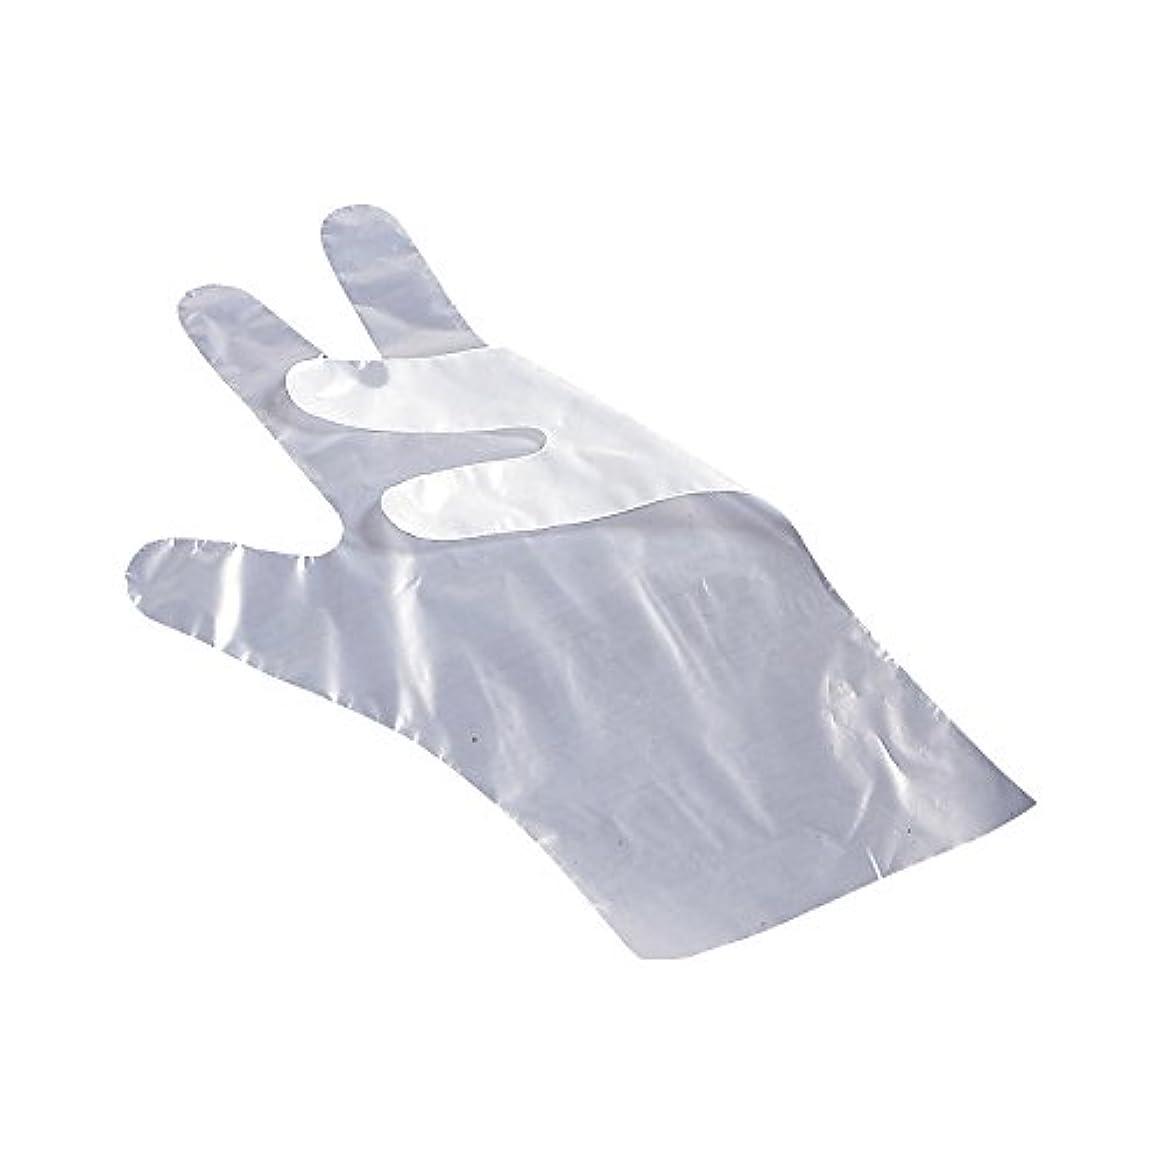 迫害検索エンジンマーケティング脆いサクラメンポリエチレン手袋 エコノミー強力 A 200枚入 S